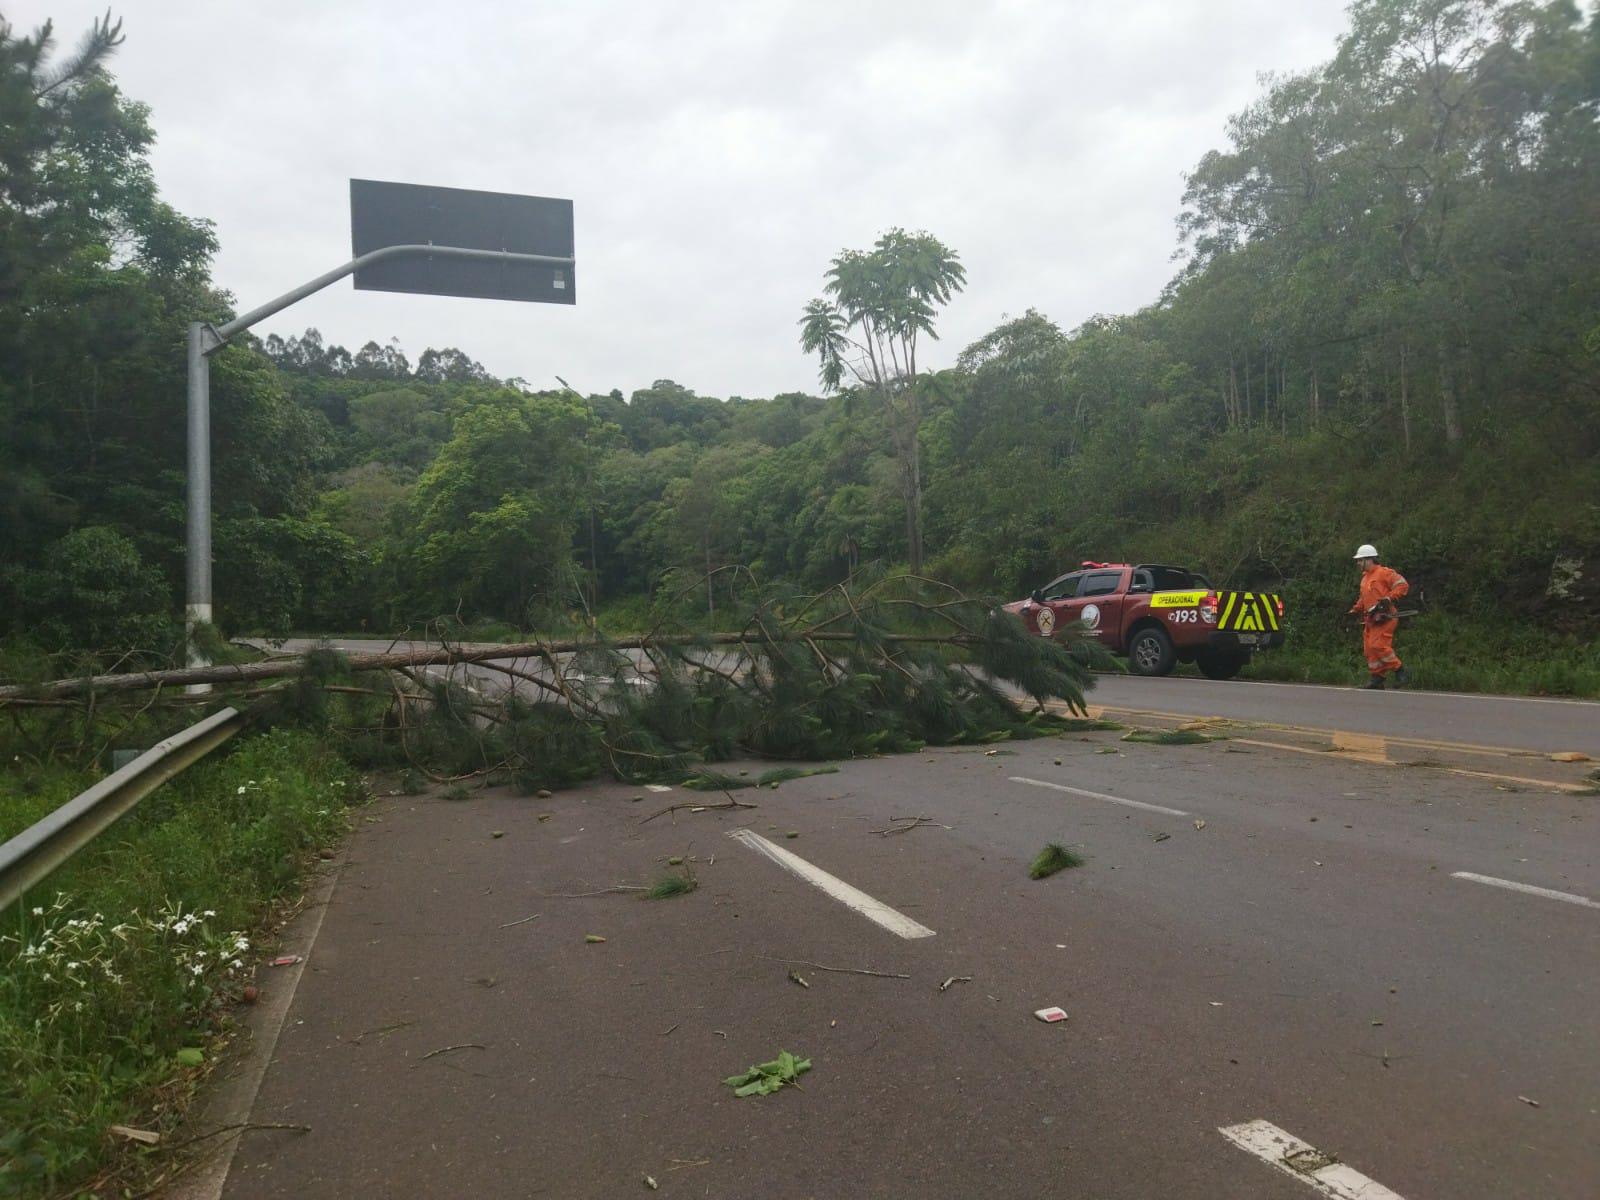 Vento chegou a 83 km/h em Concórdia provocando destelhamentos e queda de árvores